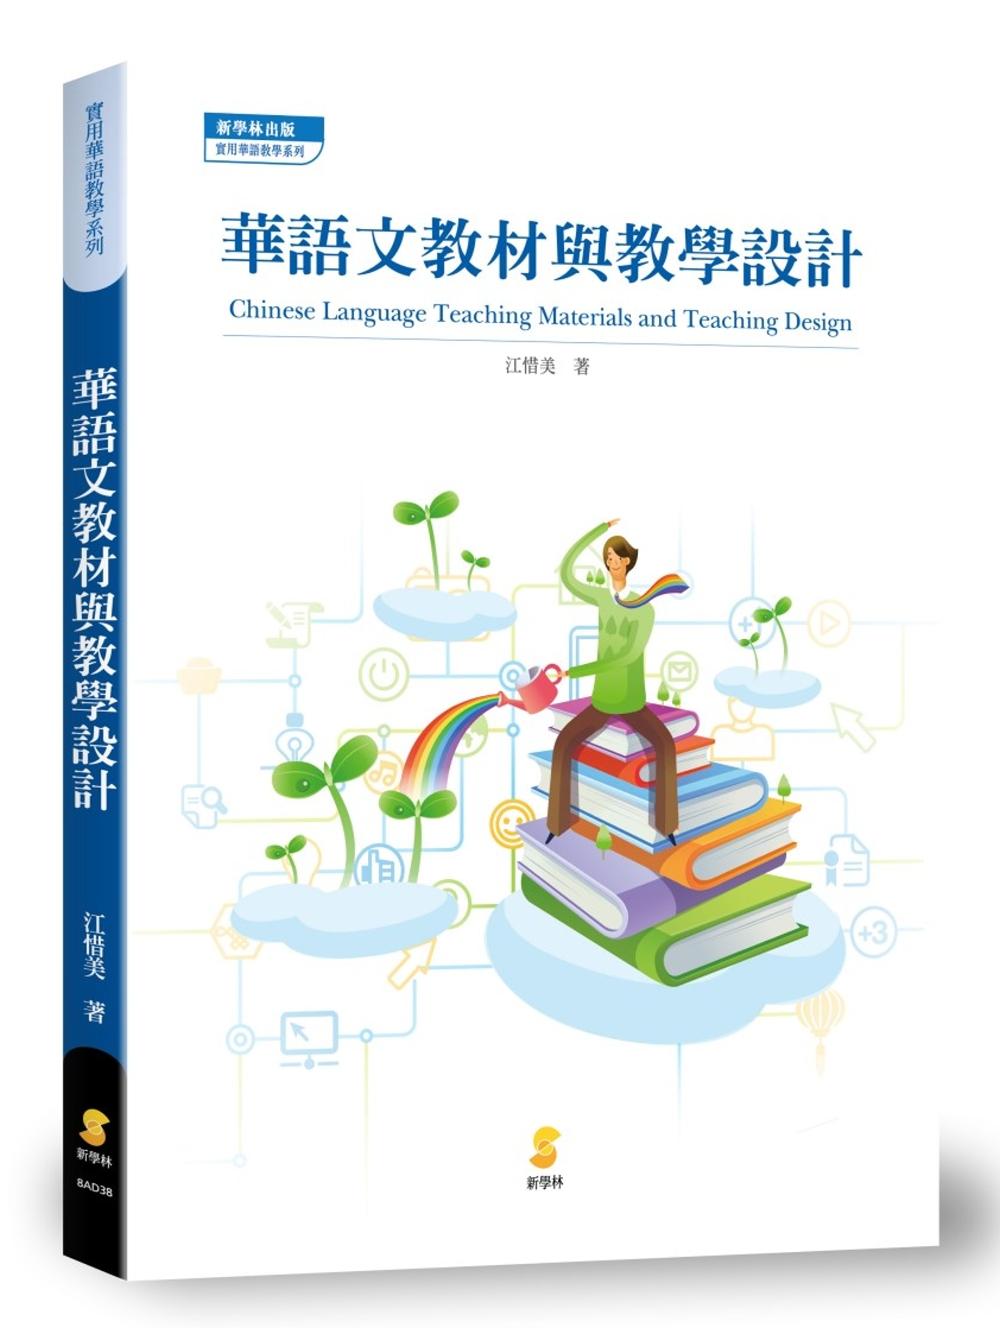 華語文教材與教學設計